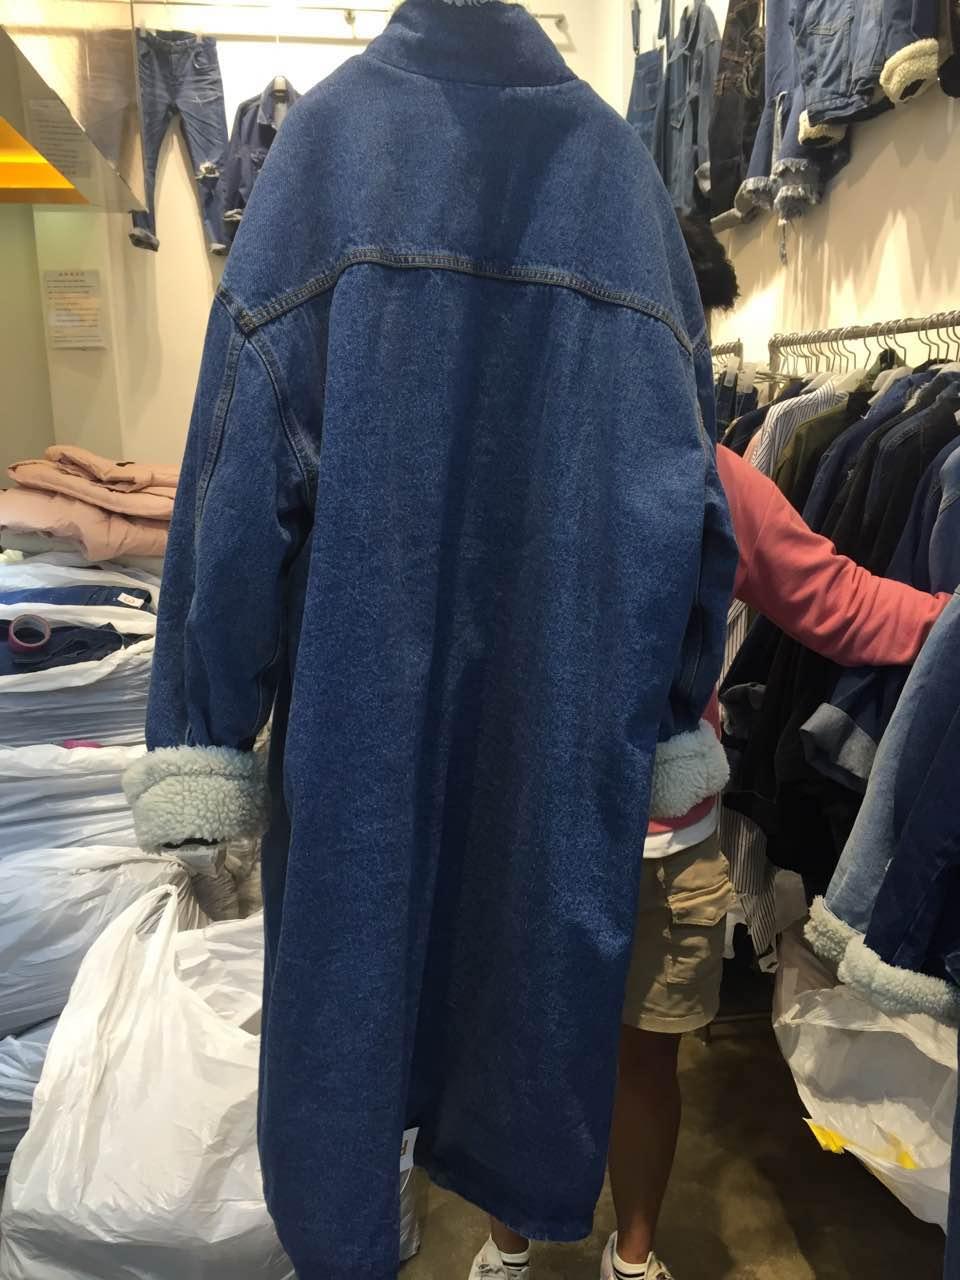 Automne De Base Jeans Bomber Manteau Coupe Style vent Vestes Denim Gigi Femmes Dames Chaud Ciel pu Bleu Hiver Femme D'hiver Long BwxqEAP7